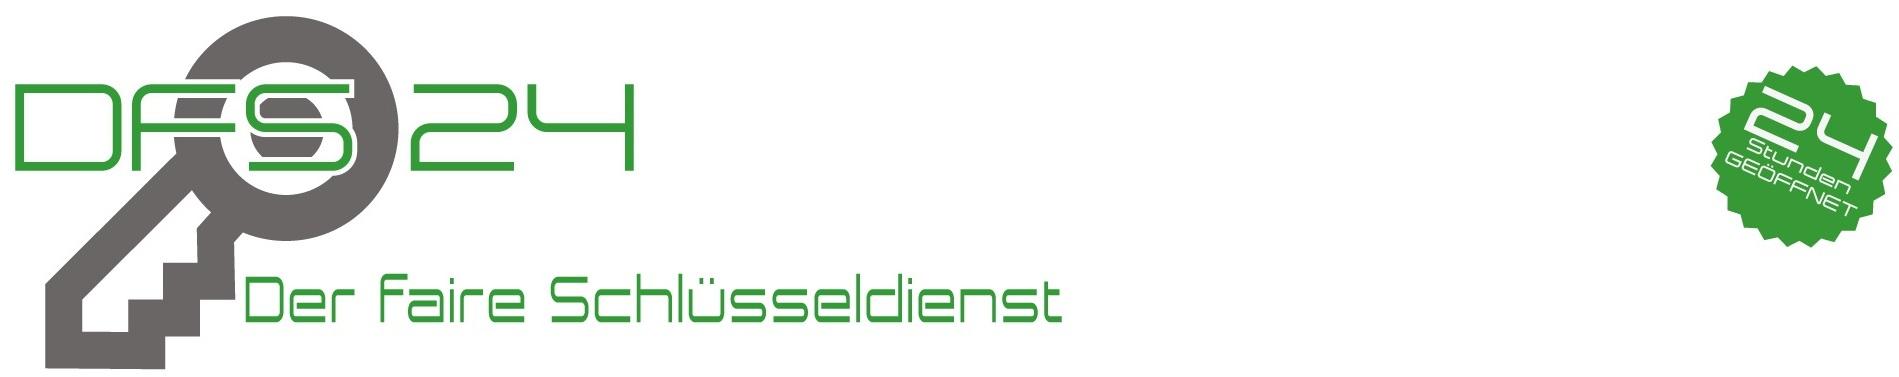 schlüsseldienst wulfen logo